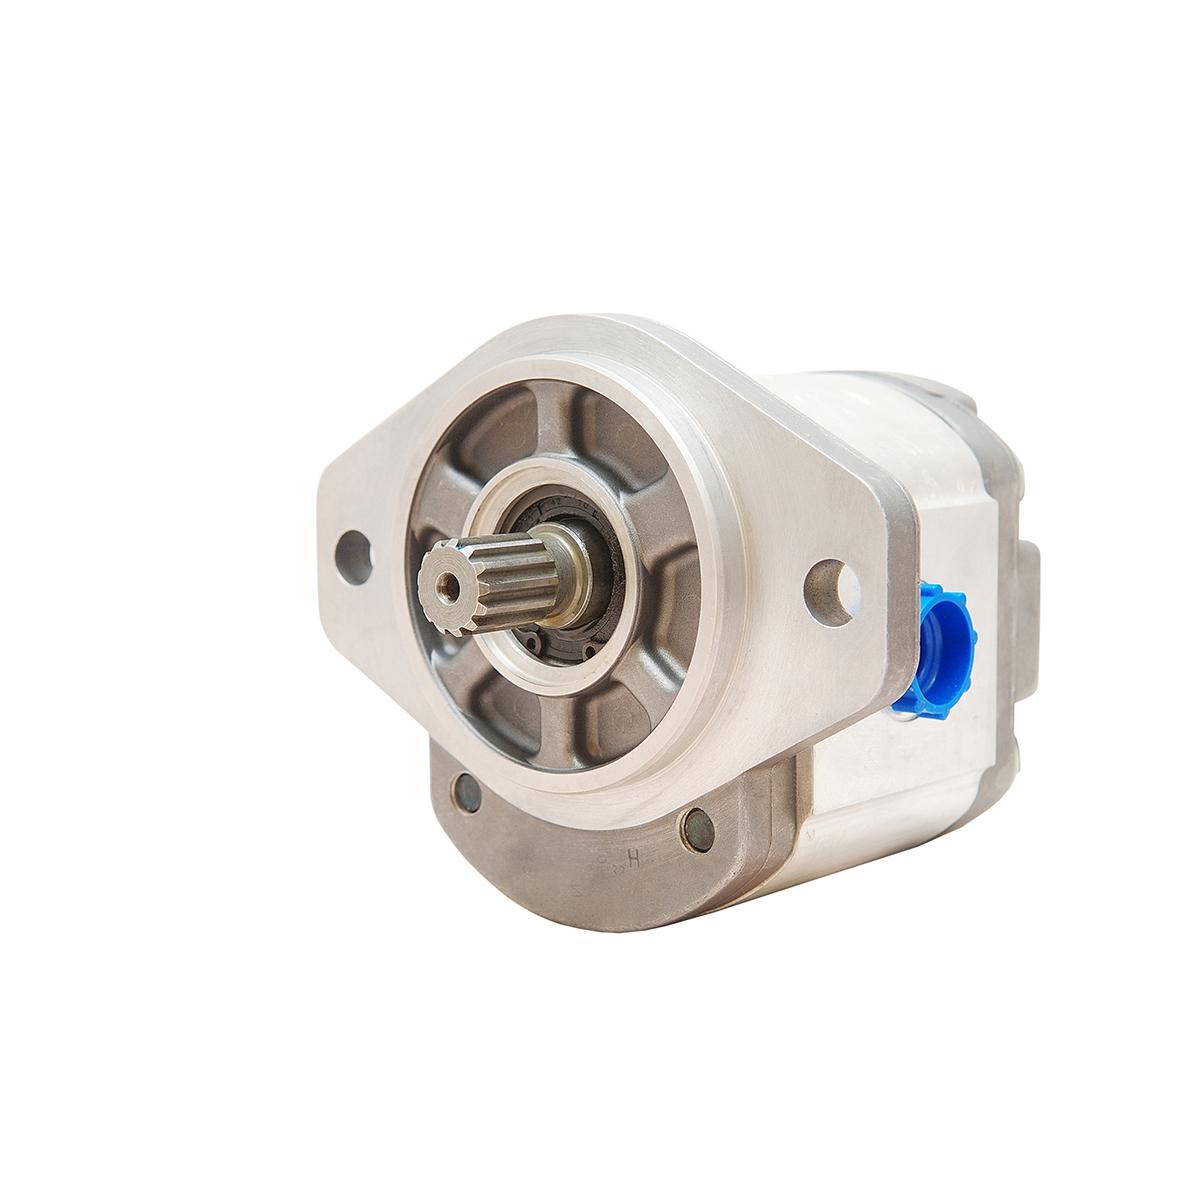 2.44 CID hydraulic gear pump, 13 tooth spline shaft counter-clockwise gear pump | Magister Hydraulics